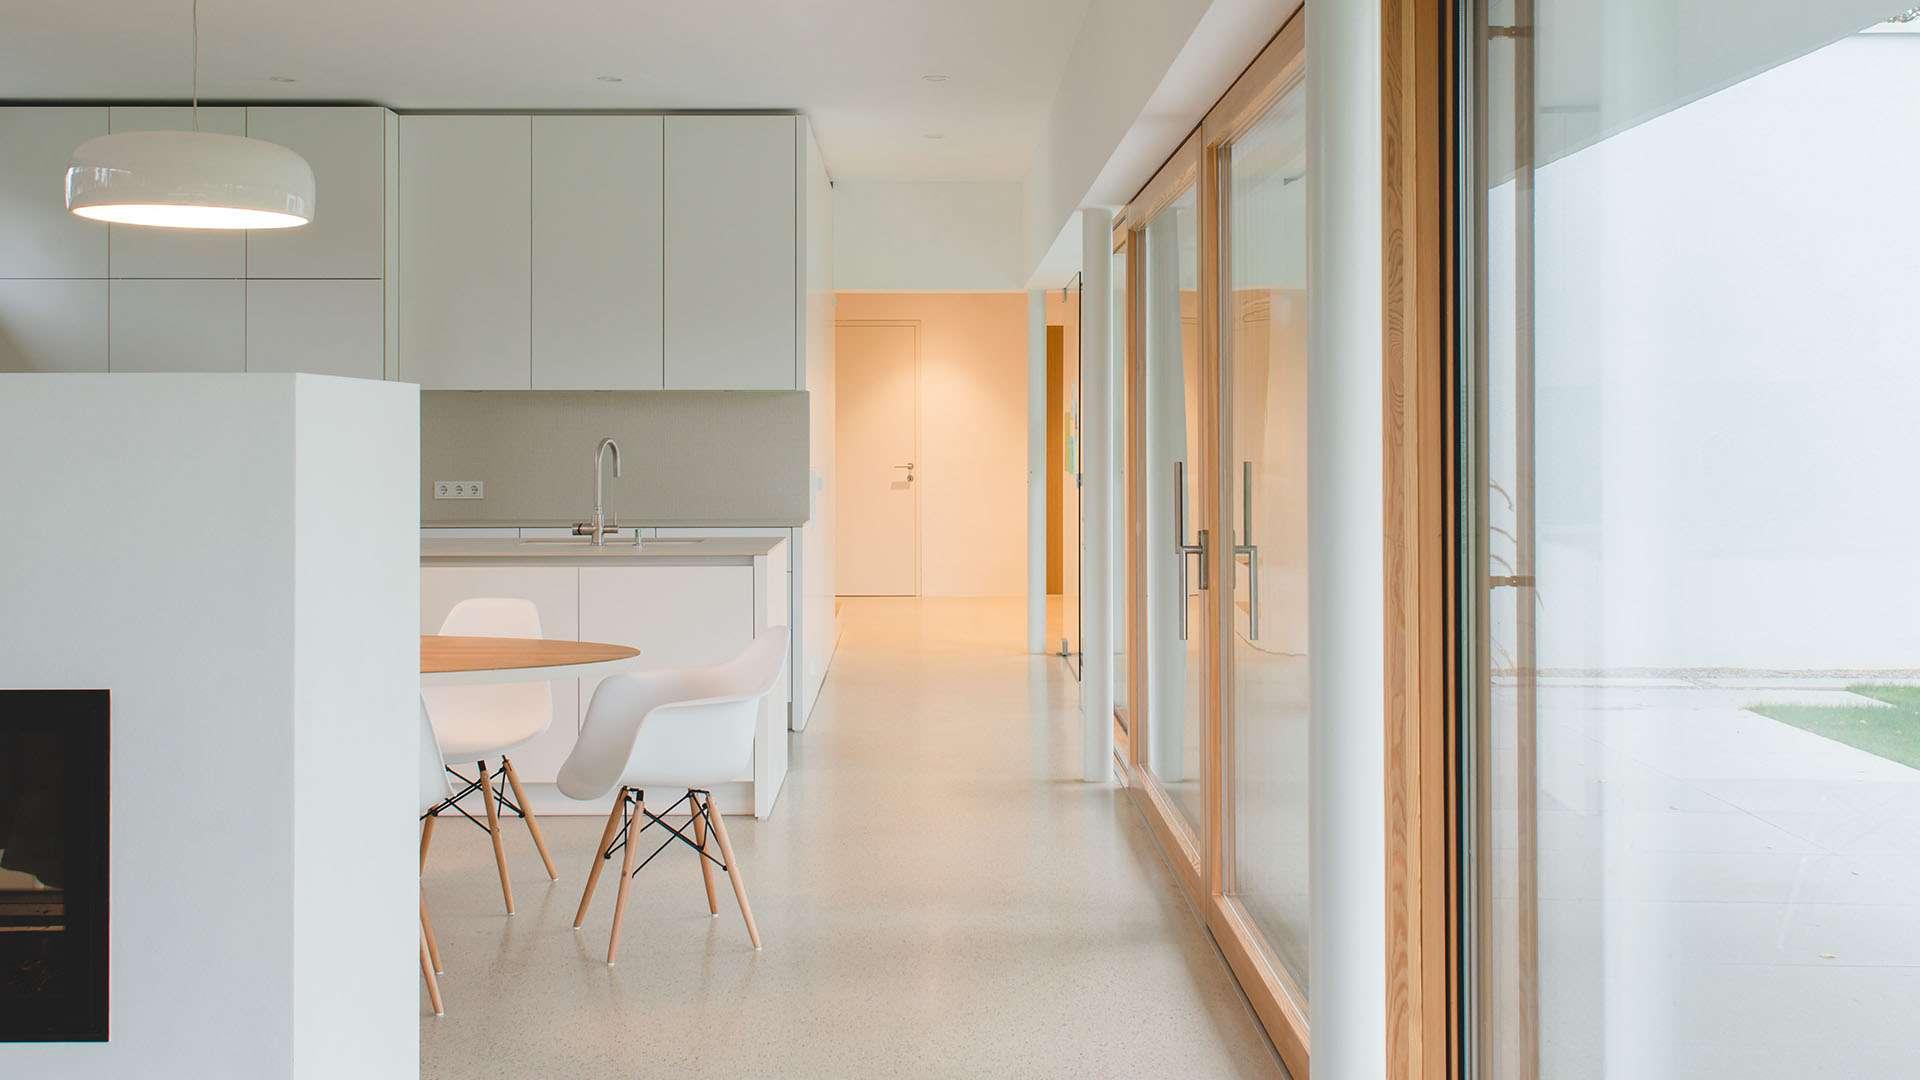 Innenansicht einer Actual Fensterfront in einer Küche